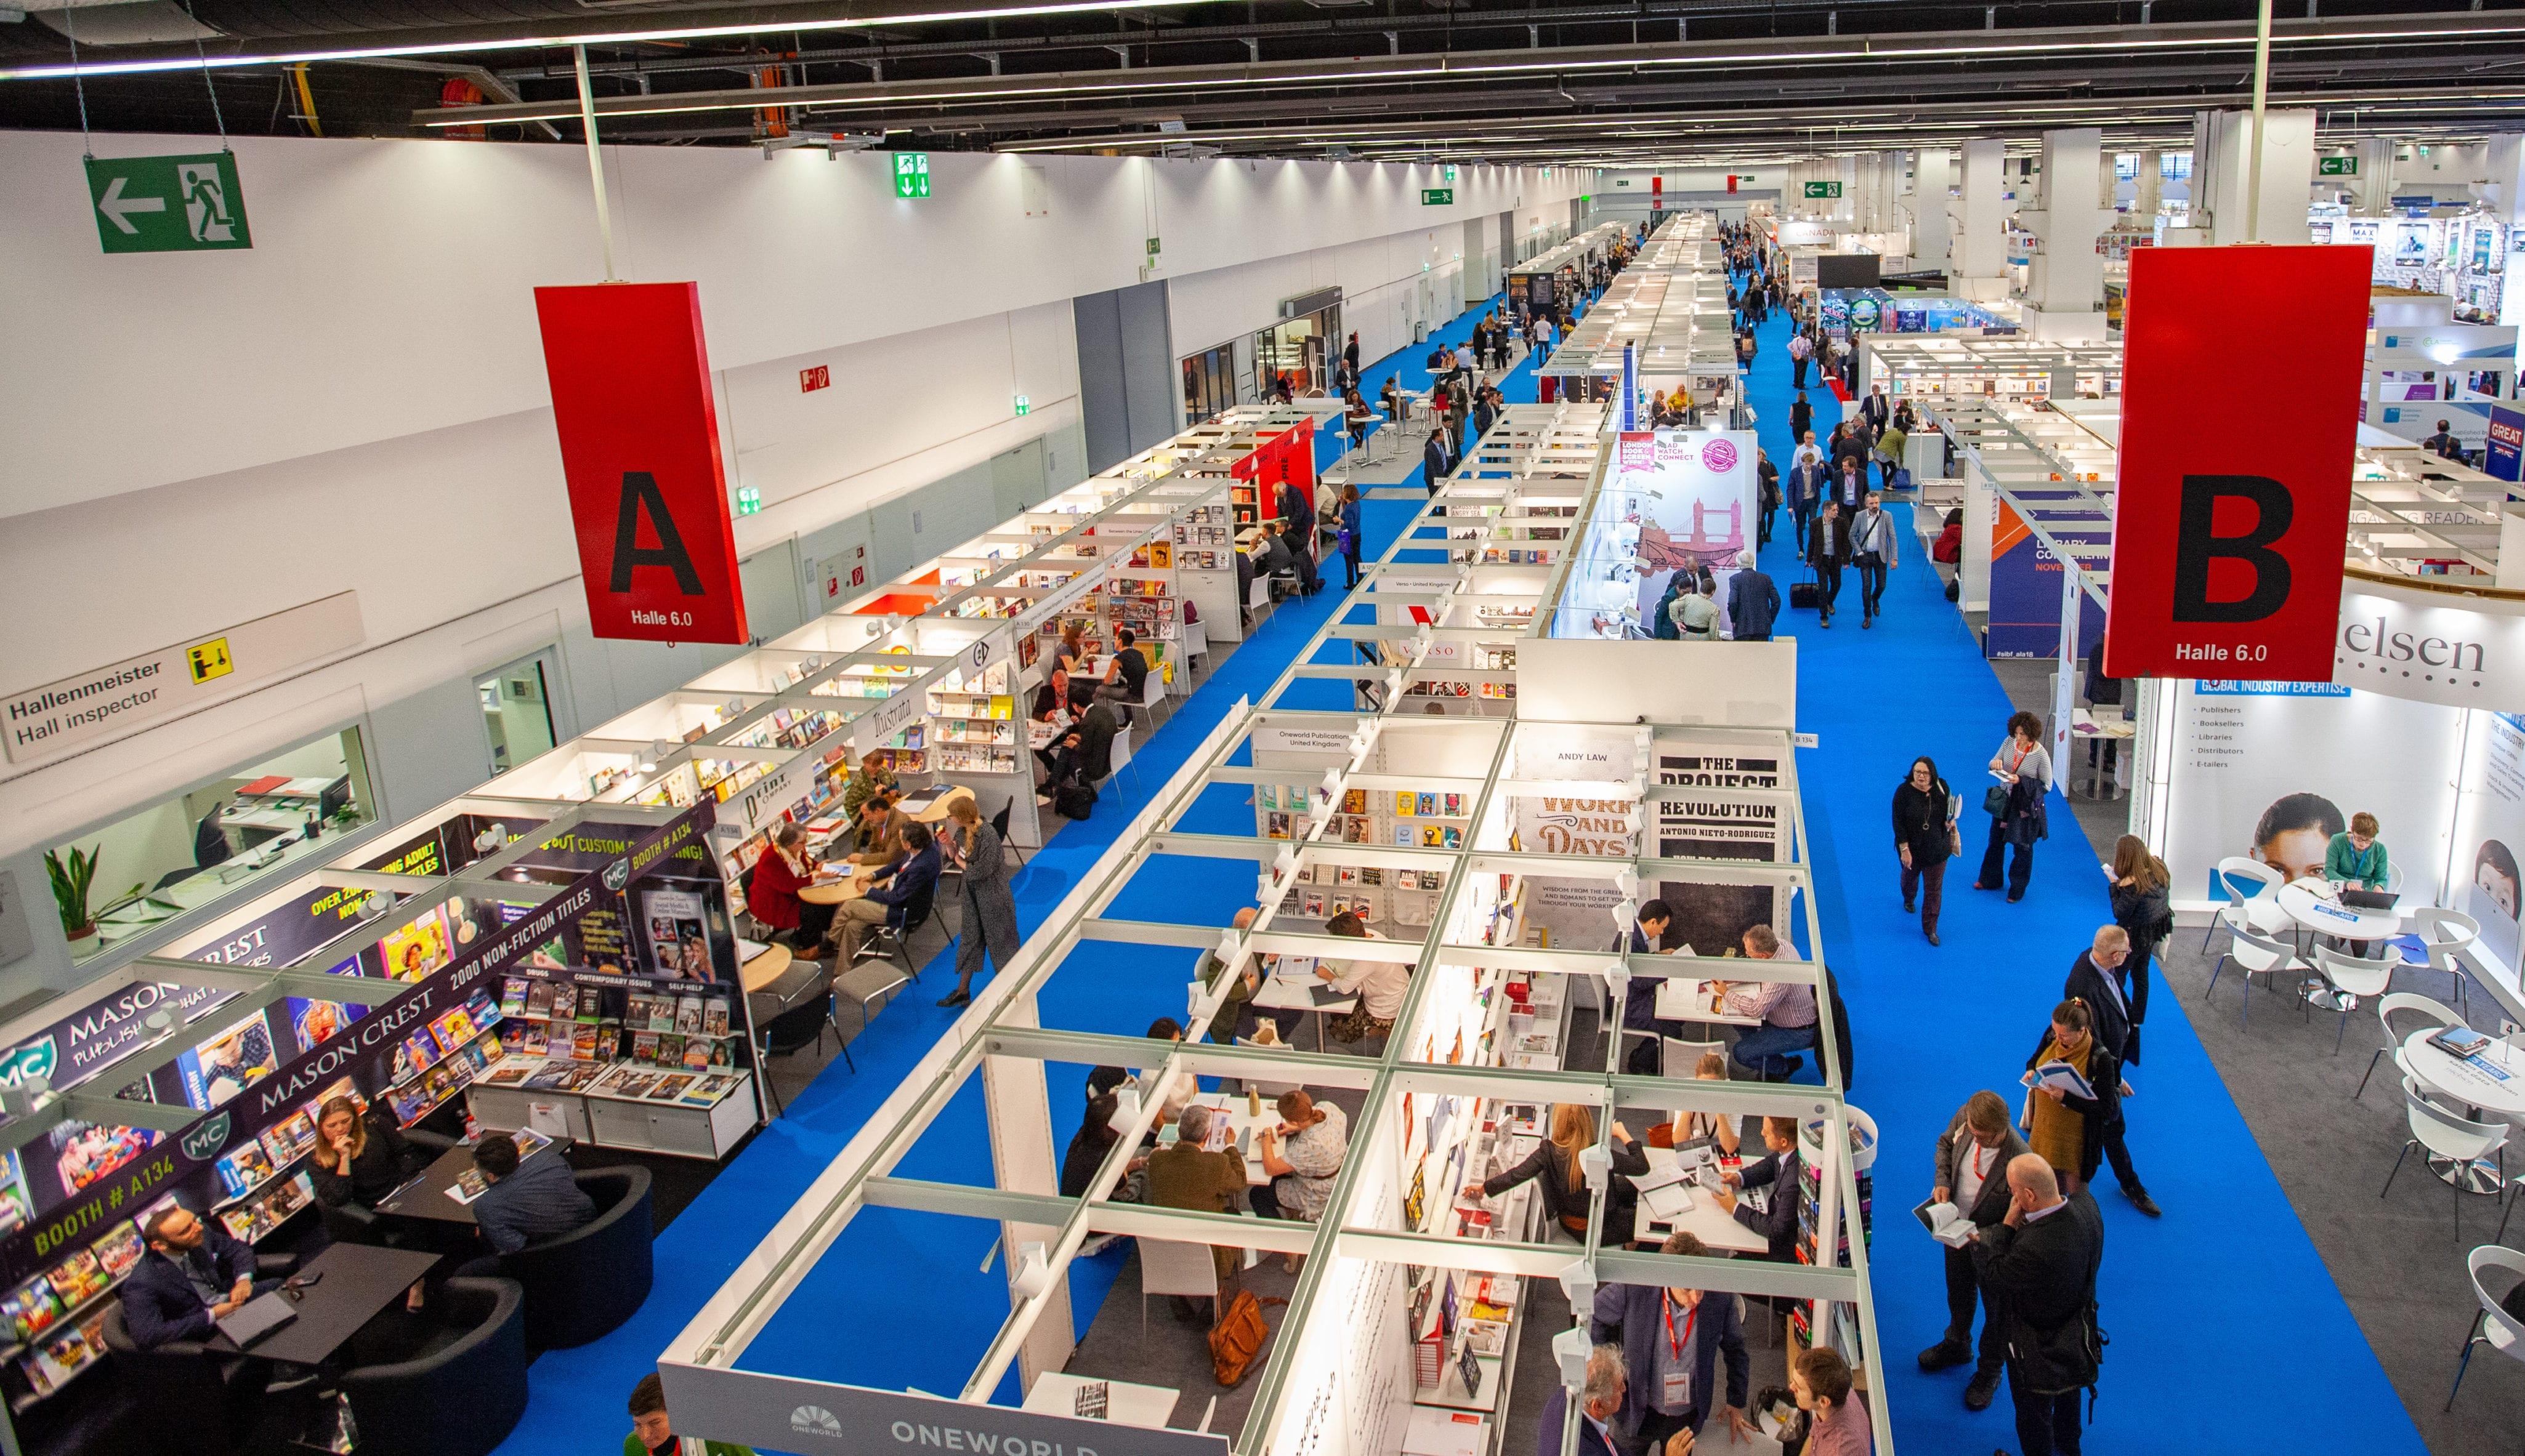 The floor of the Frankfurt Book Fair